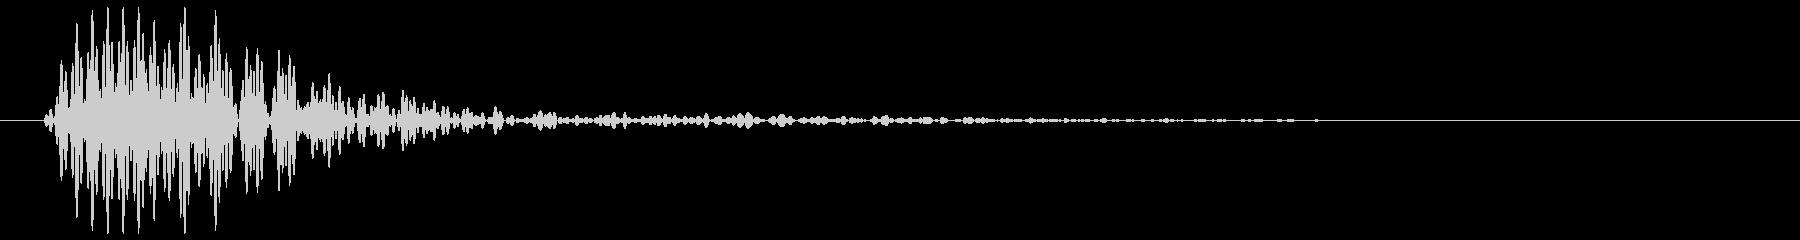 シャンッ(軽いものを使ったアクション音)の未再生の波形